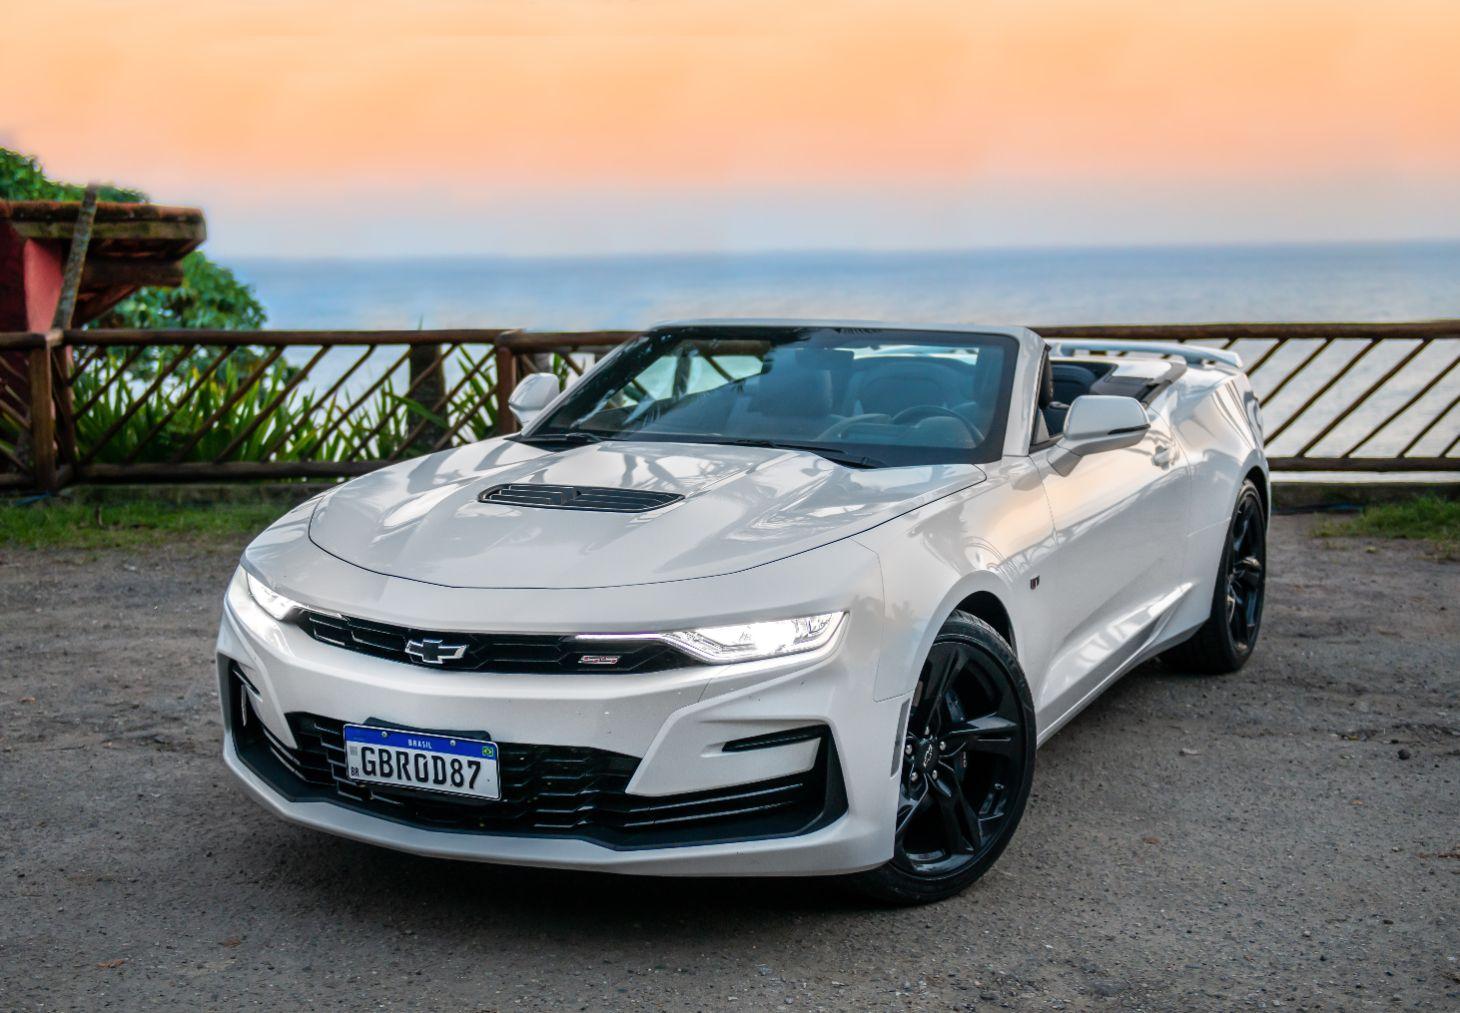 chevrolet camaro ss 2021 branco conversivel estacionado em mirante